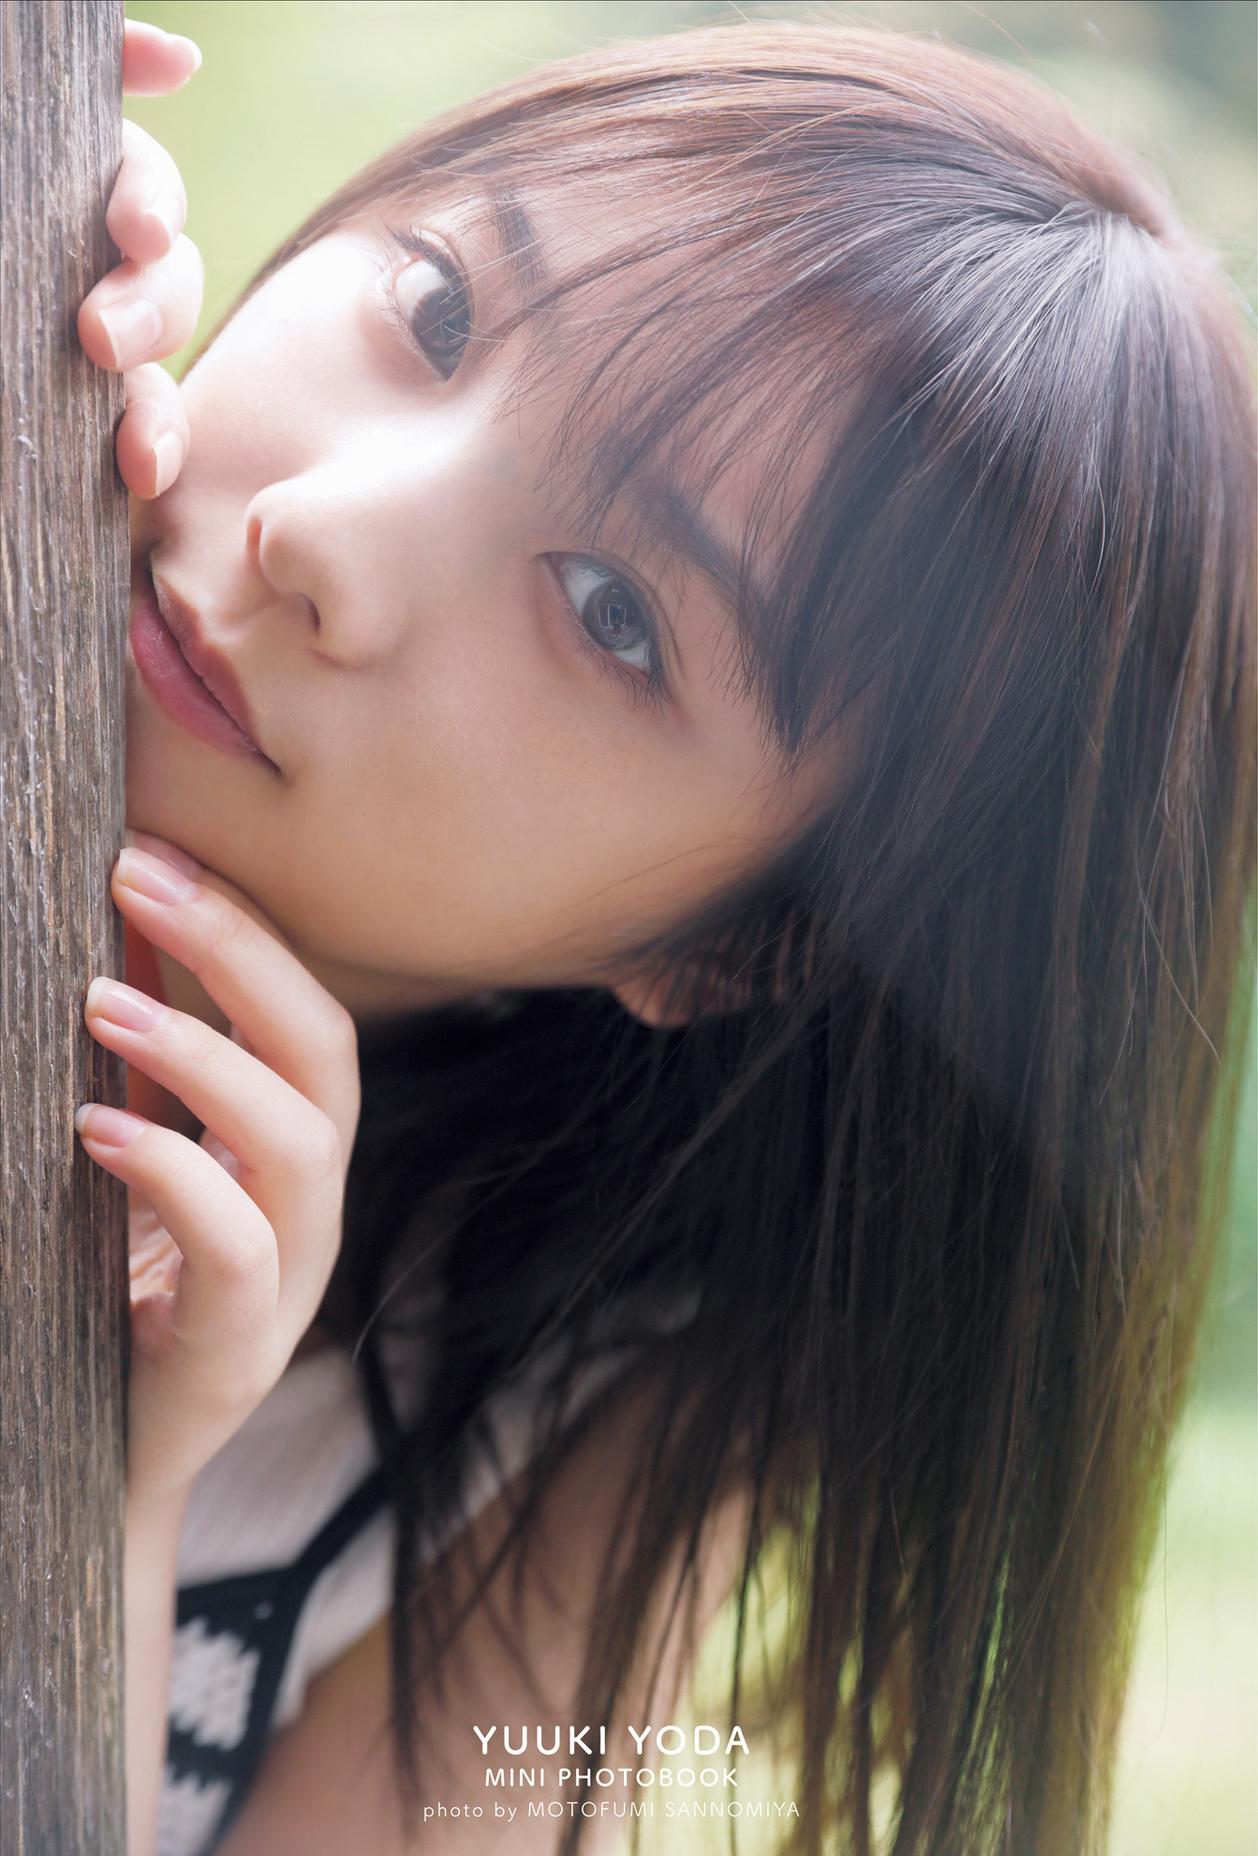 喵妹子写真专辑(第14辑) 养眼图片 第13张